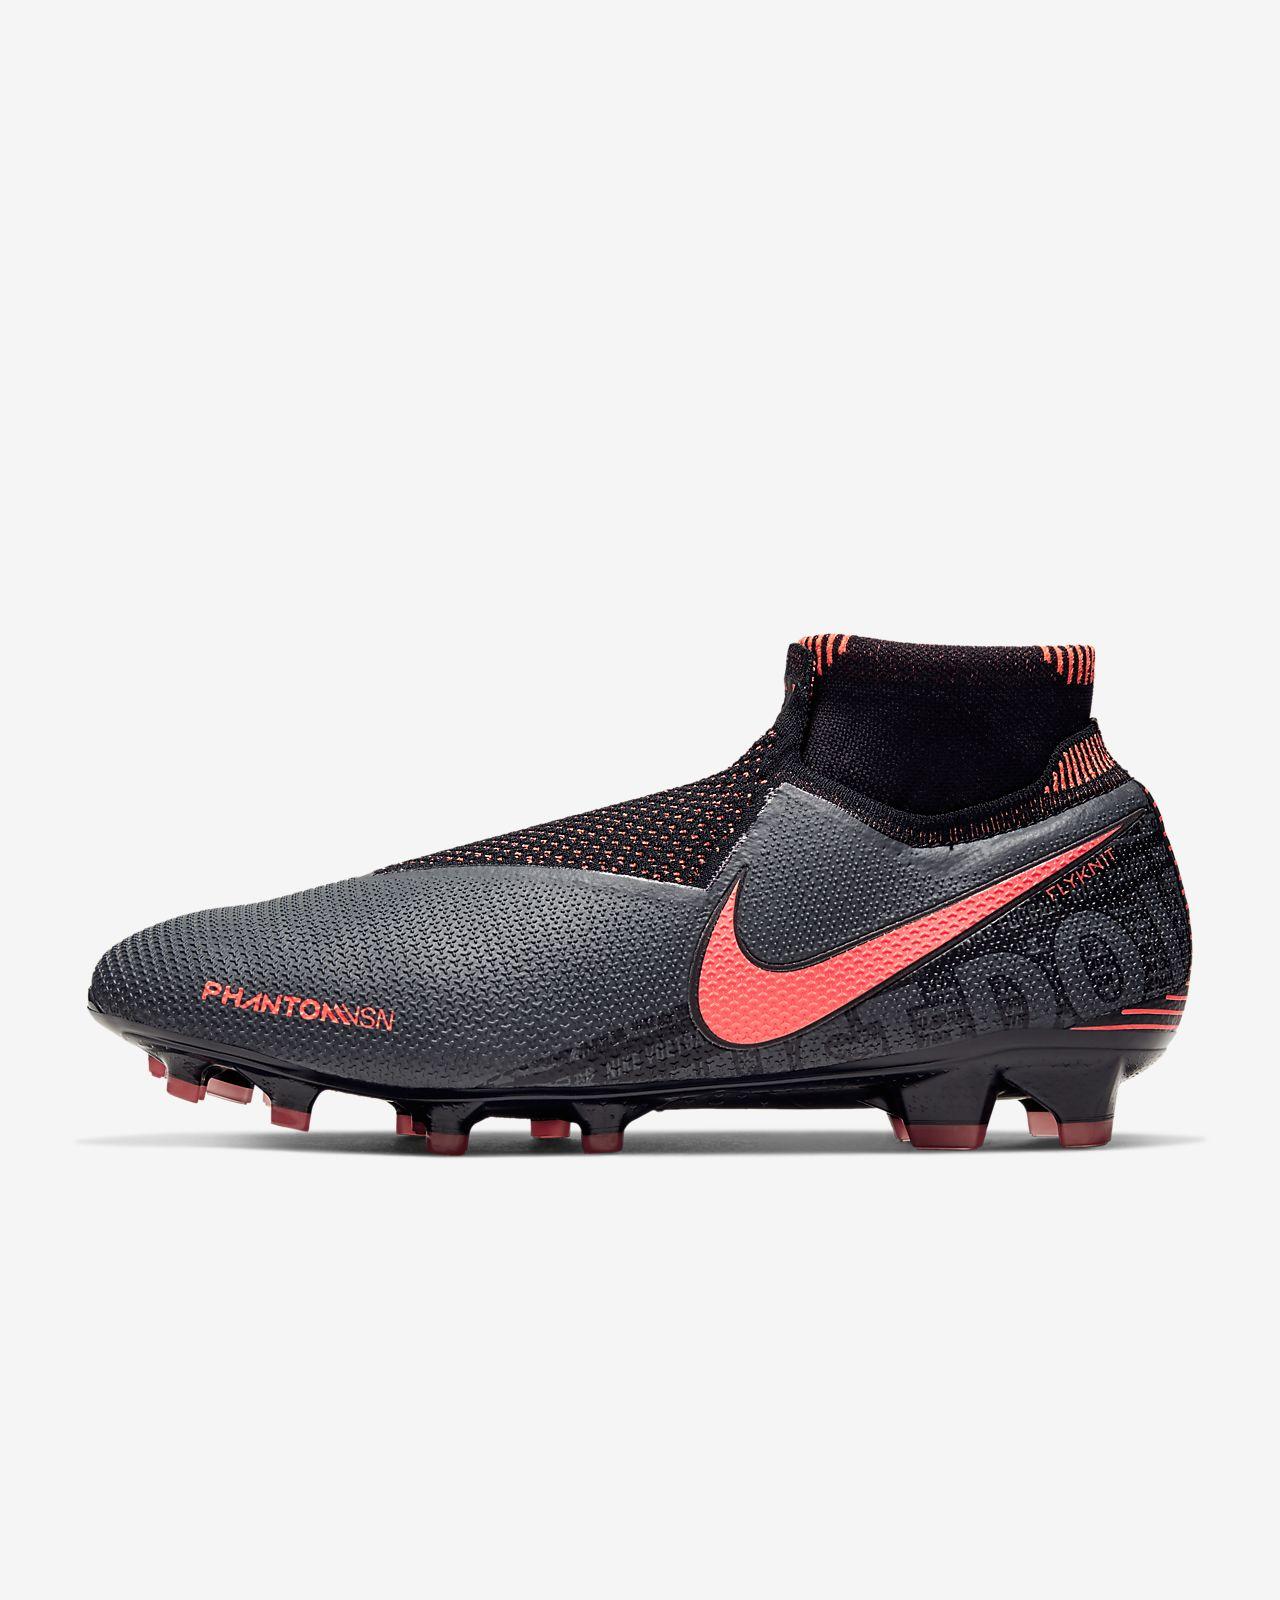 Kopačka na pevný povrch Nike Phantom Vision Elite Dynamic Fit FG